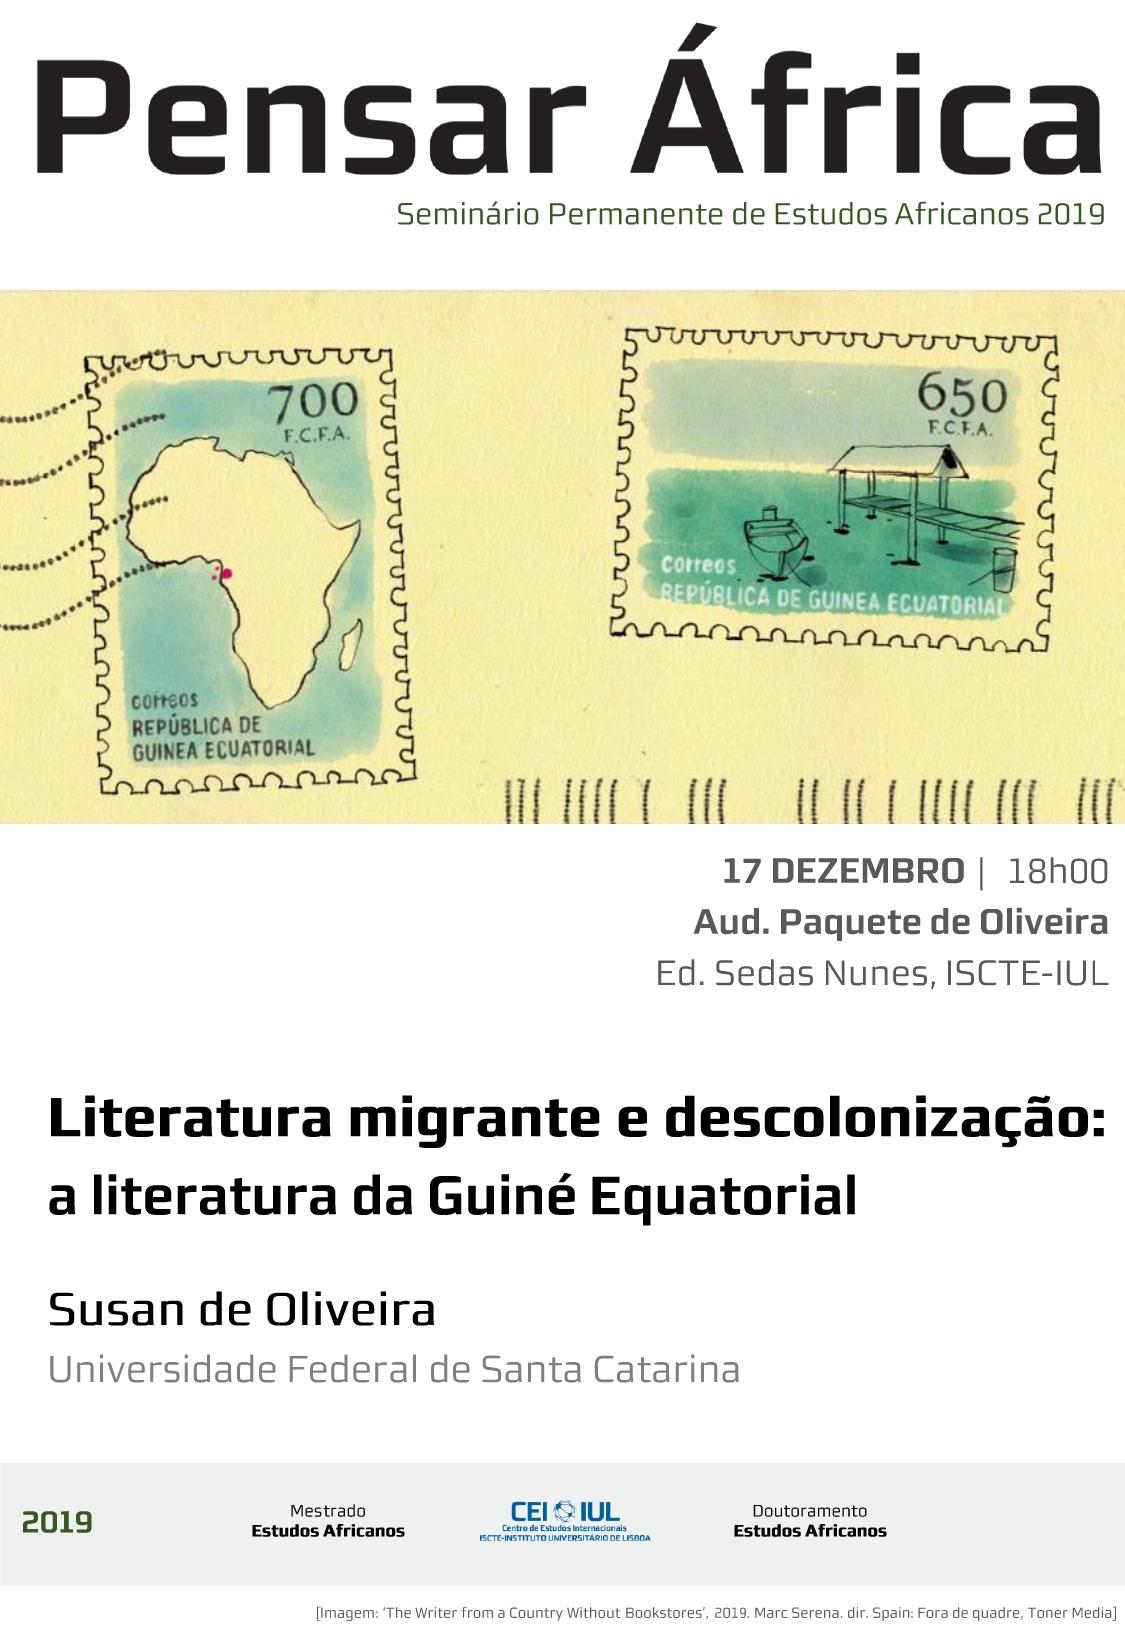 Pensar África: Literatura migrante e descolonização